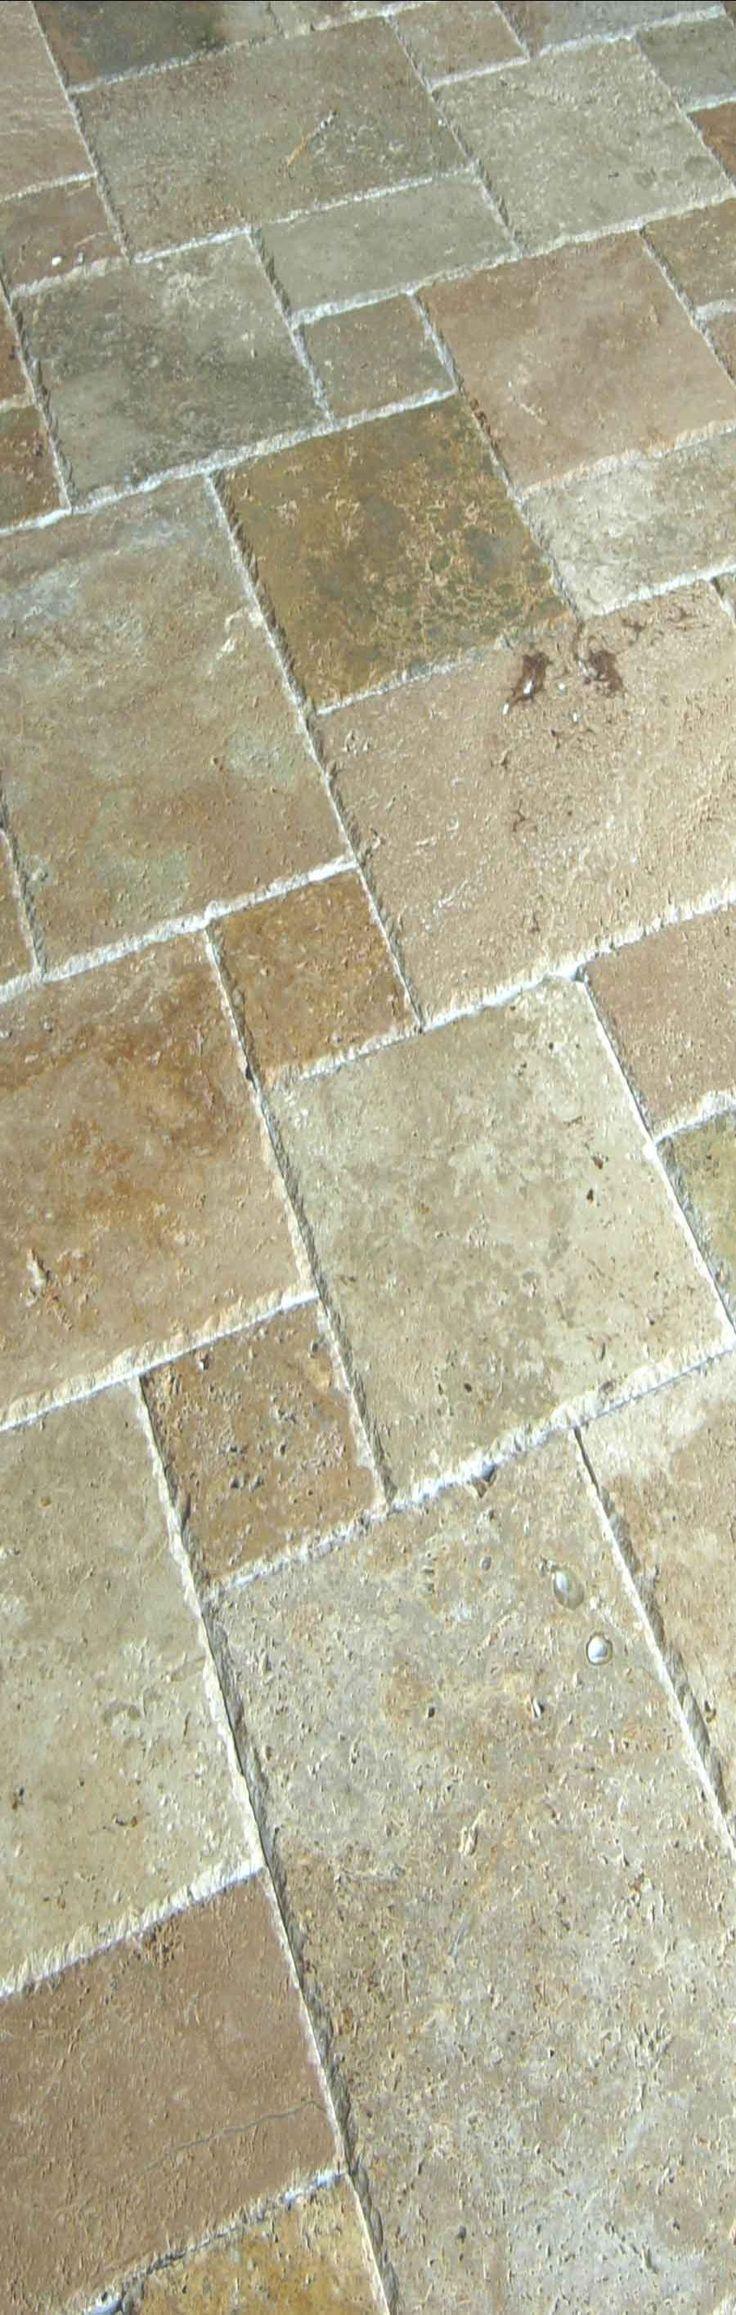 laminate tile flooring laminate flooring in kitchen 25 best ideas about Laminate Tile Flooring on Pinterest Bathroom flooring Tile floor kitchen and Laminate flooring in kitchen